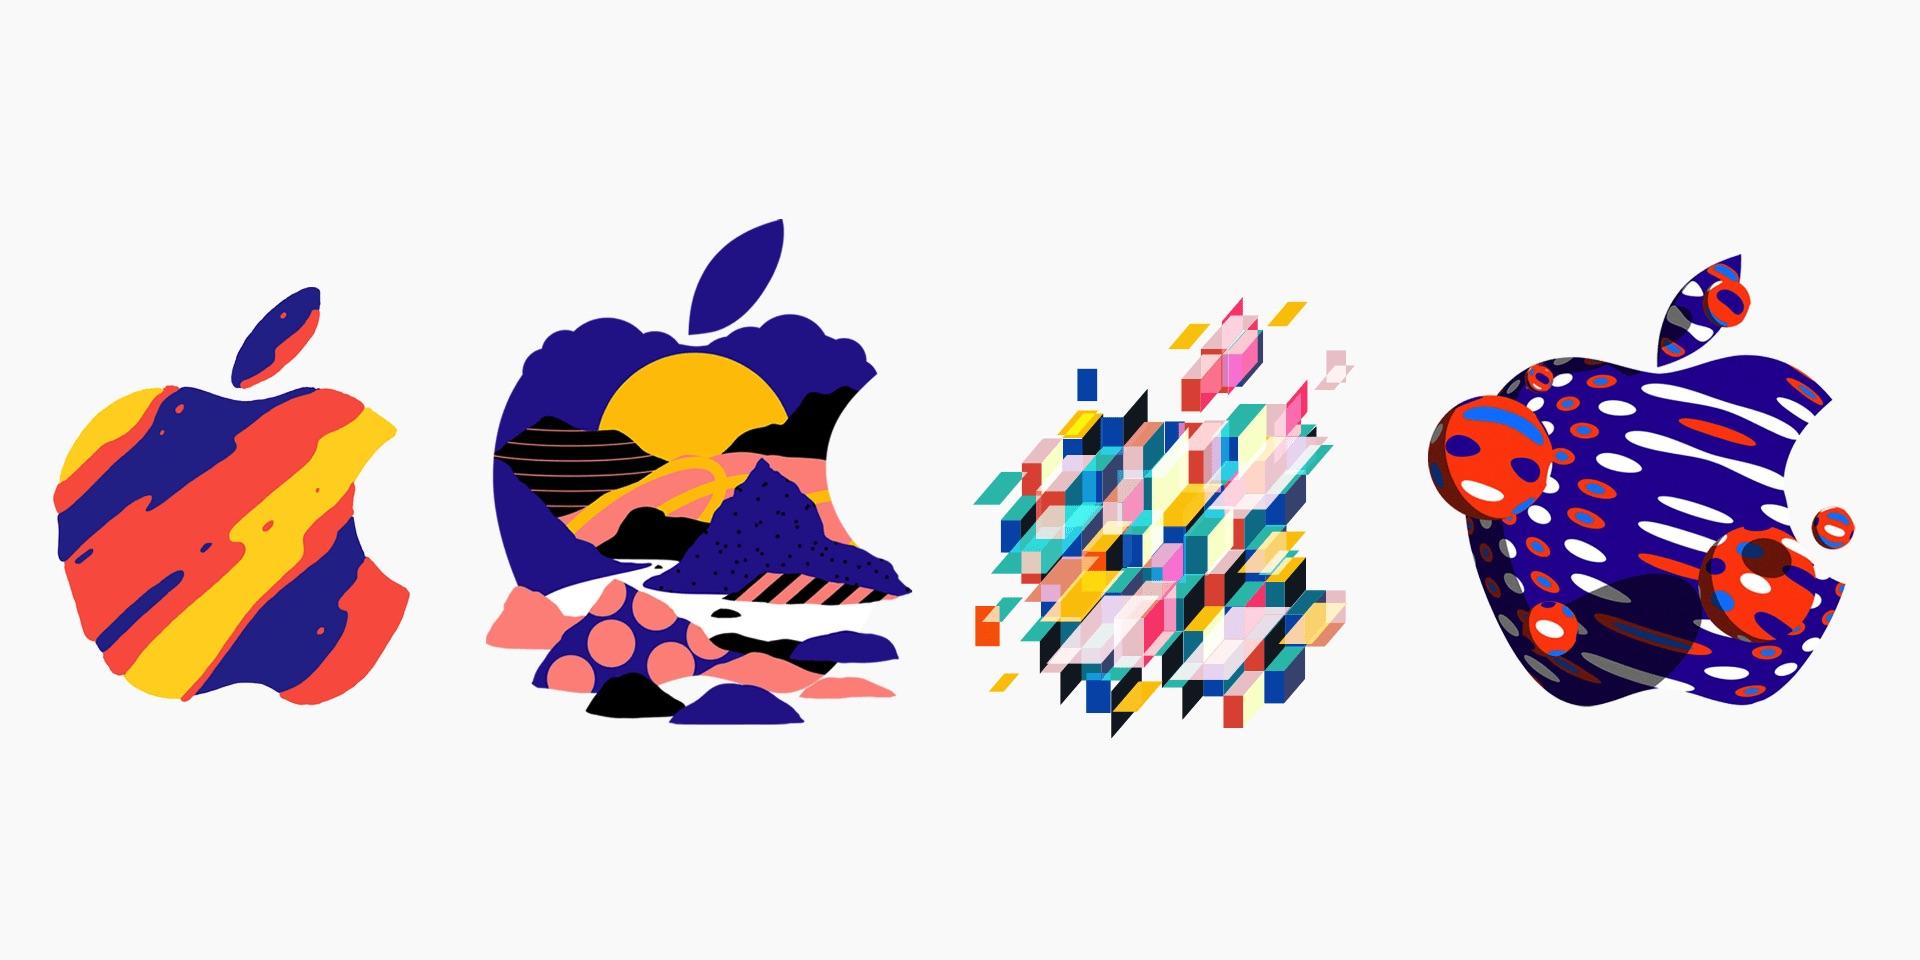 Még bemutat valamit az Apple a hónapban